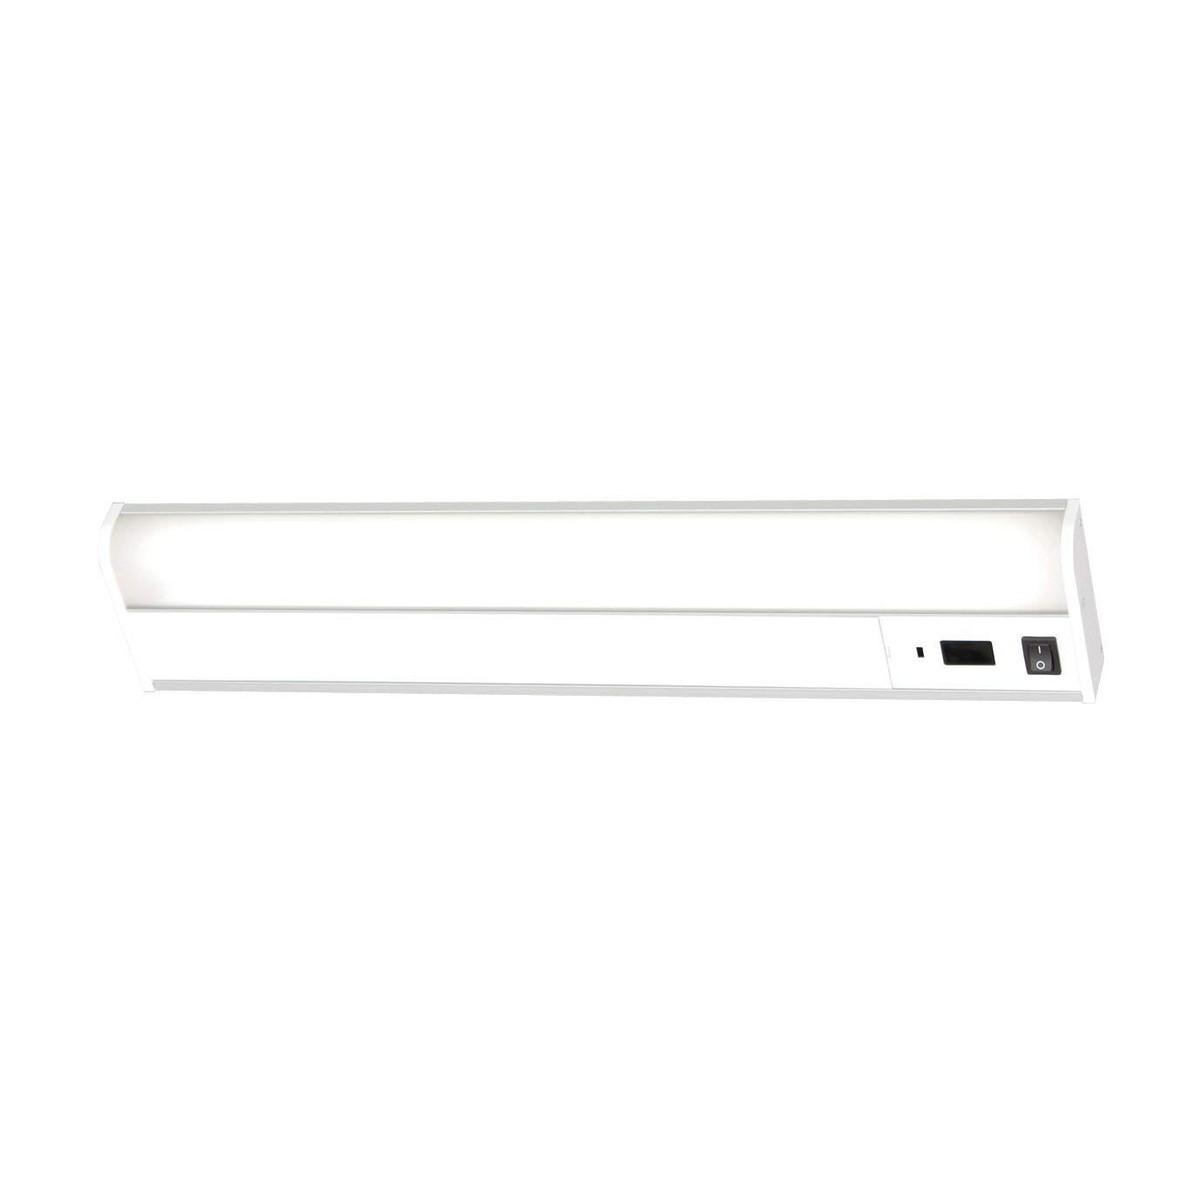 アイリスオーヤマ LEDキッチン手元灯 棚下・壁兼用 センサー付 KTM6N-TKS【クーポン配布中】